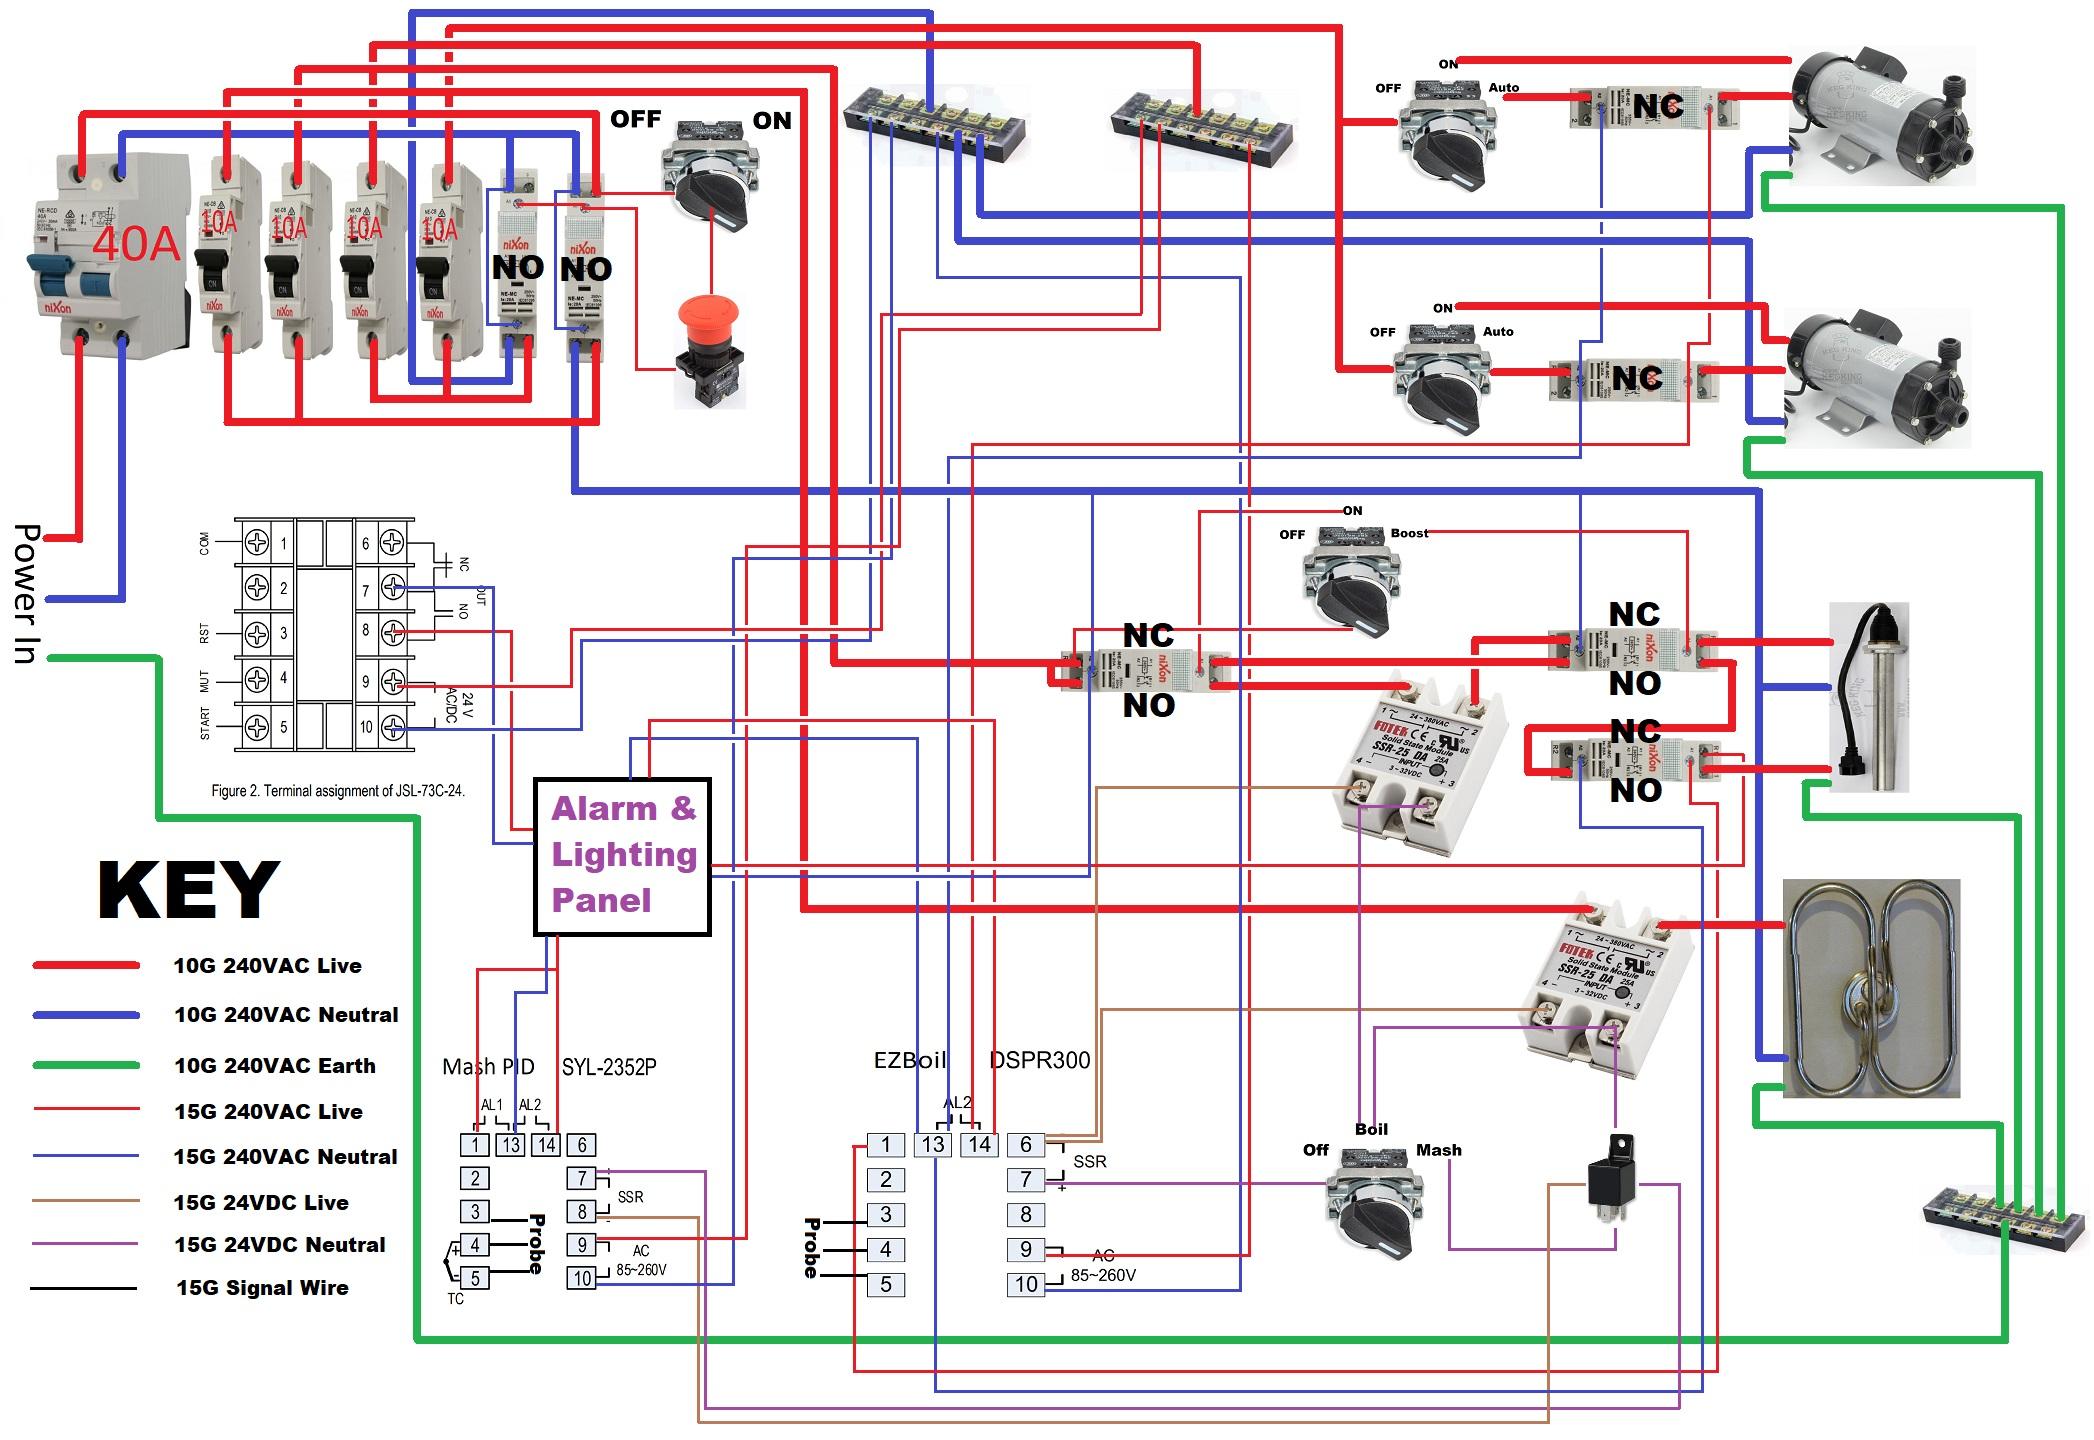 Wiring Layout v4-3.jpg